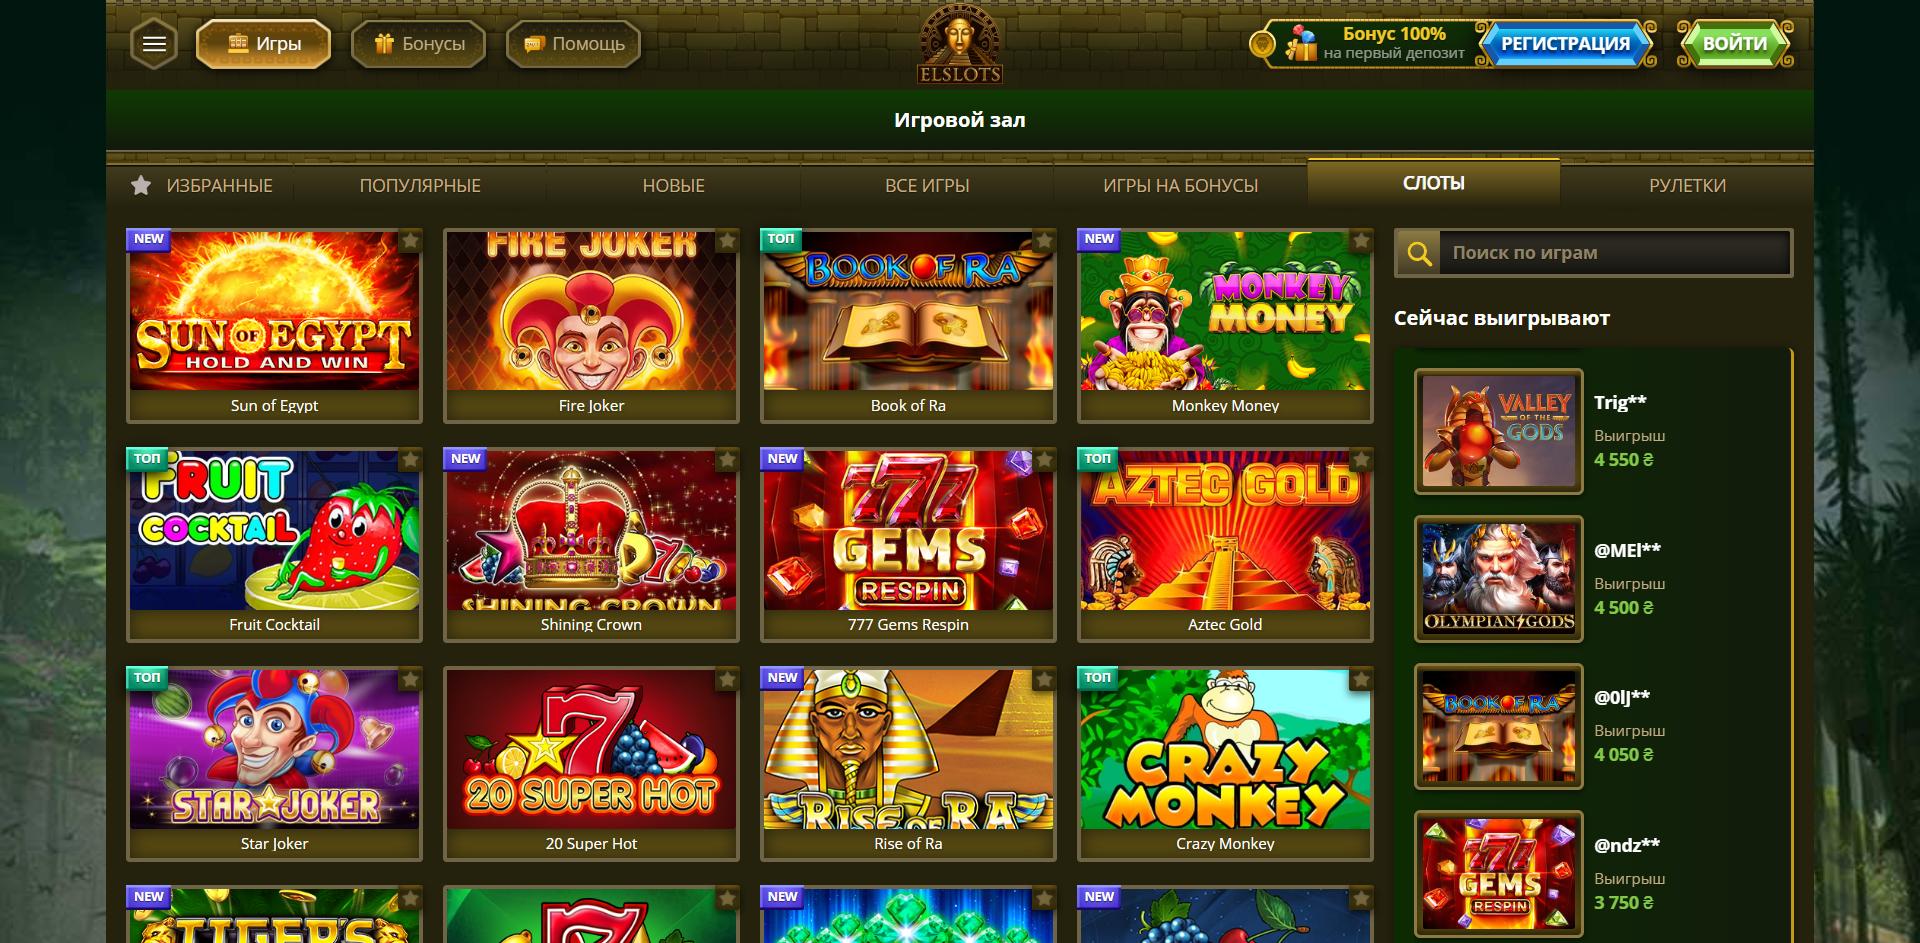 Игровые автоматы онлайн играть на виртуальные деньги розыгрыши казино лас вегас